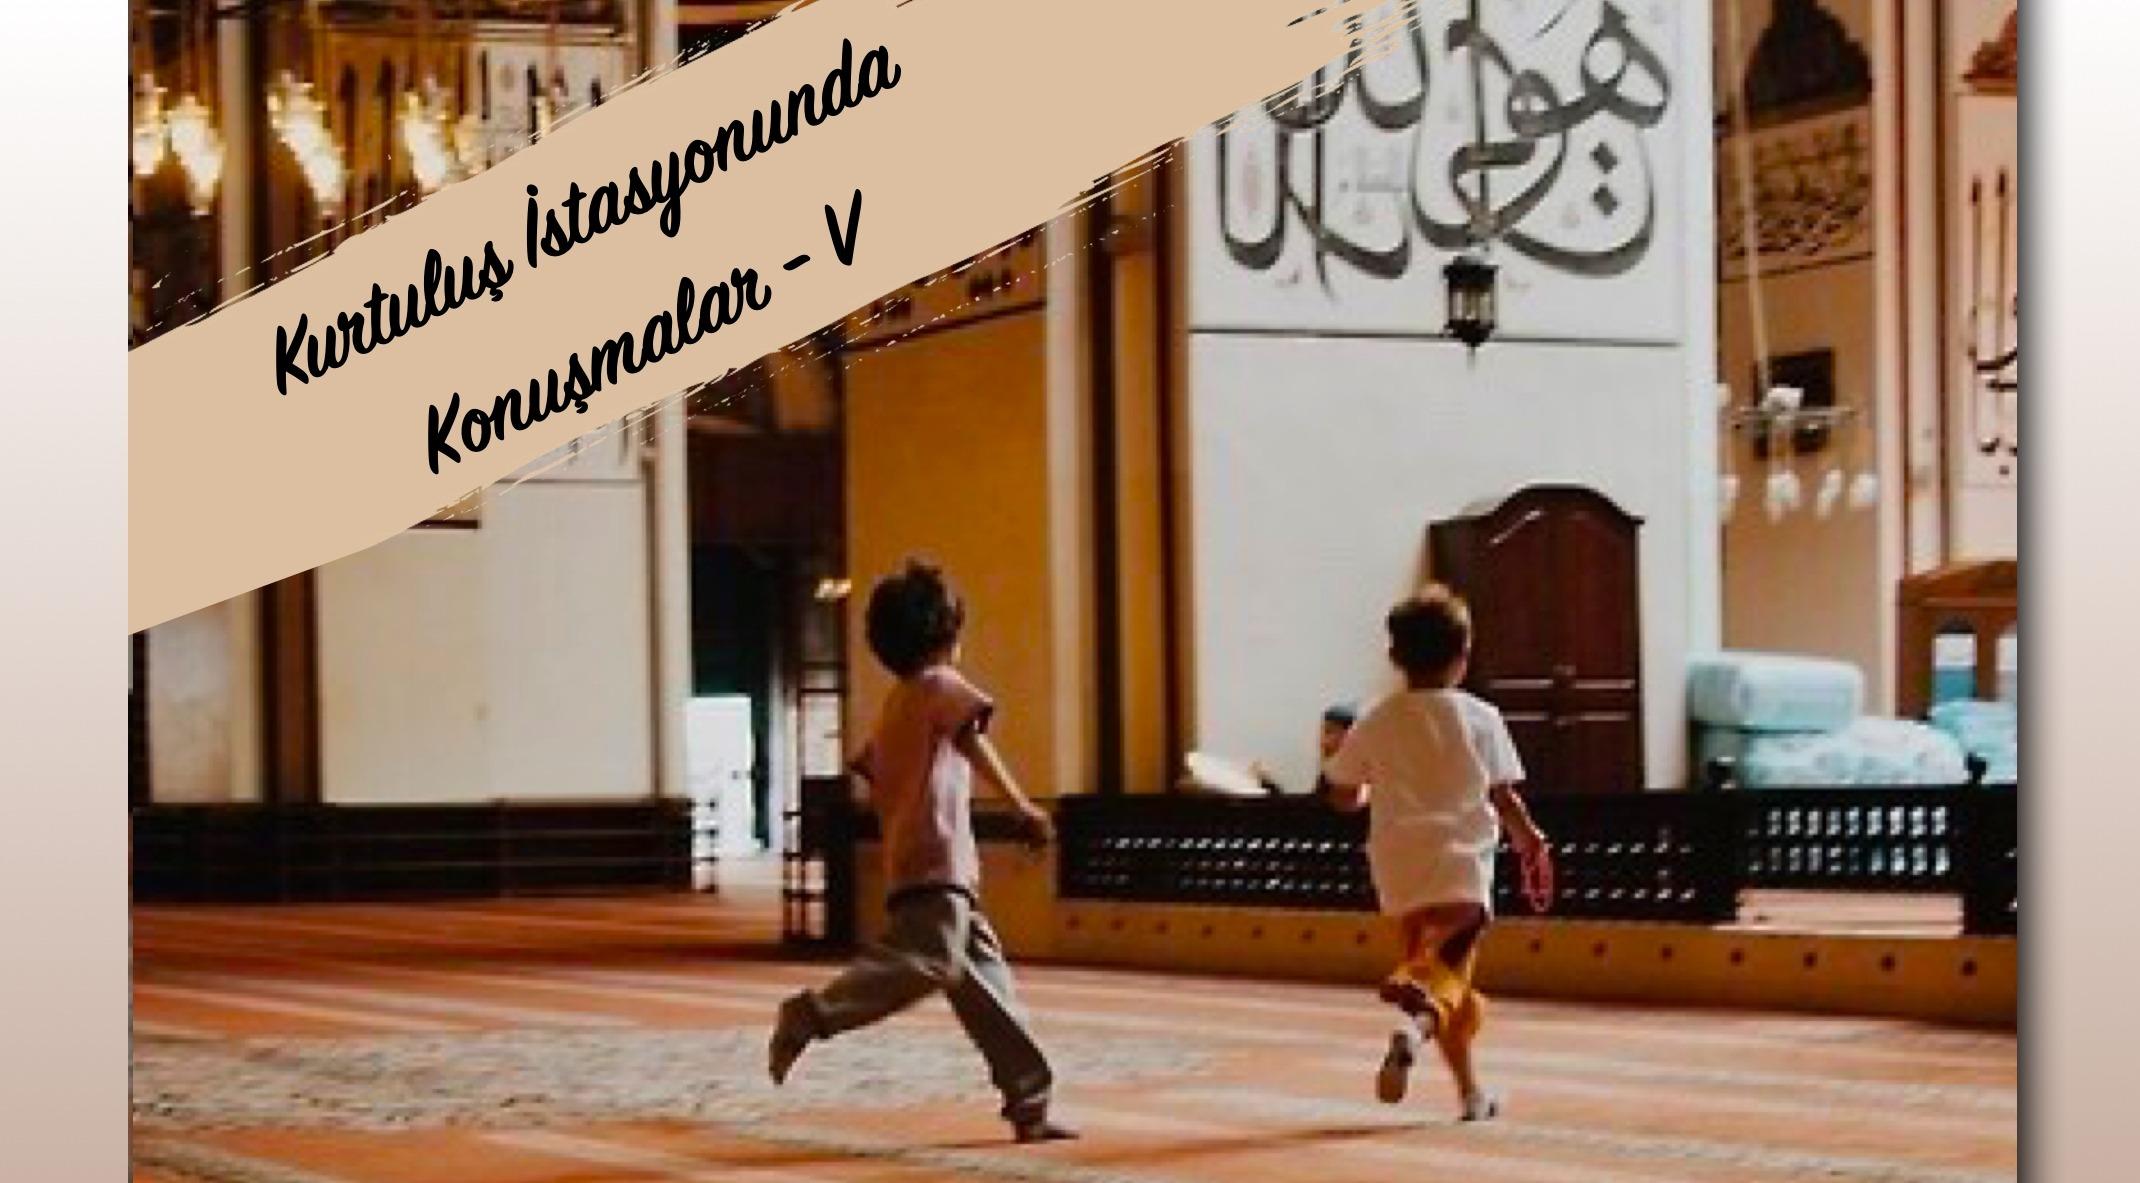 En Büyük İhmalimiz: İslami Eğitim I Röportaj